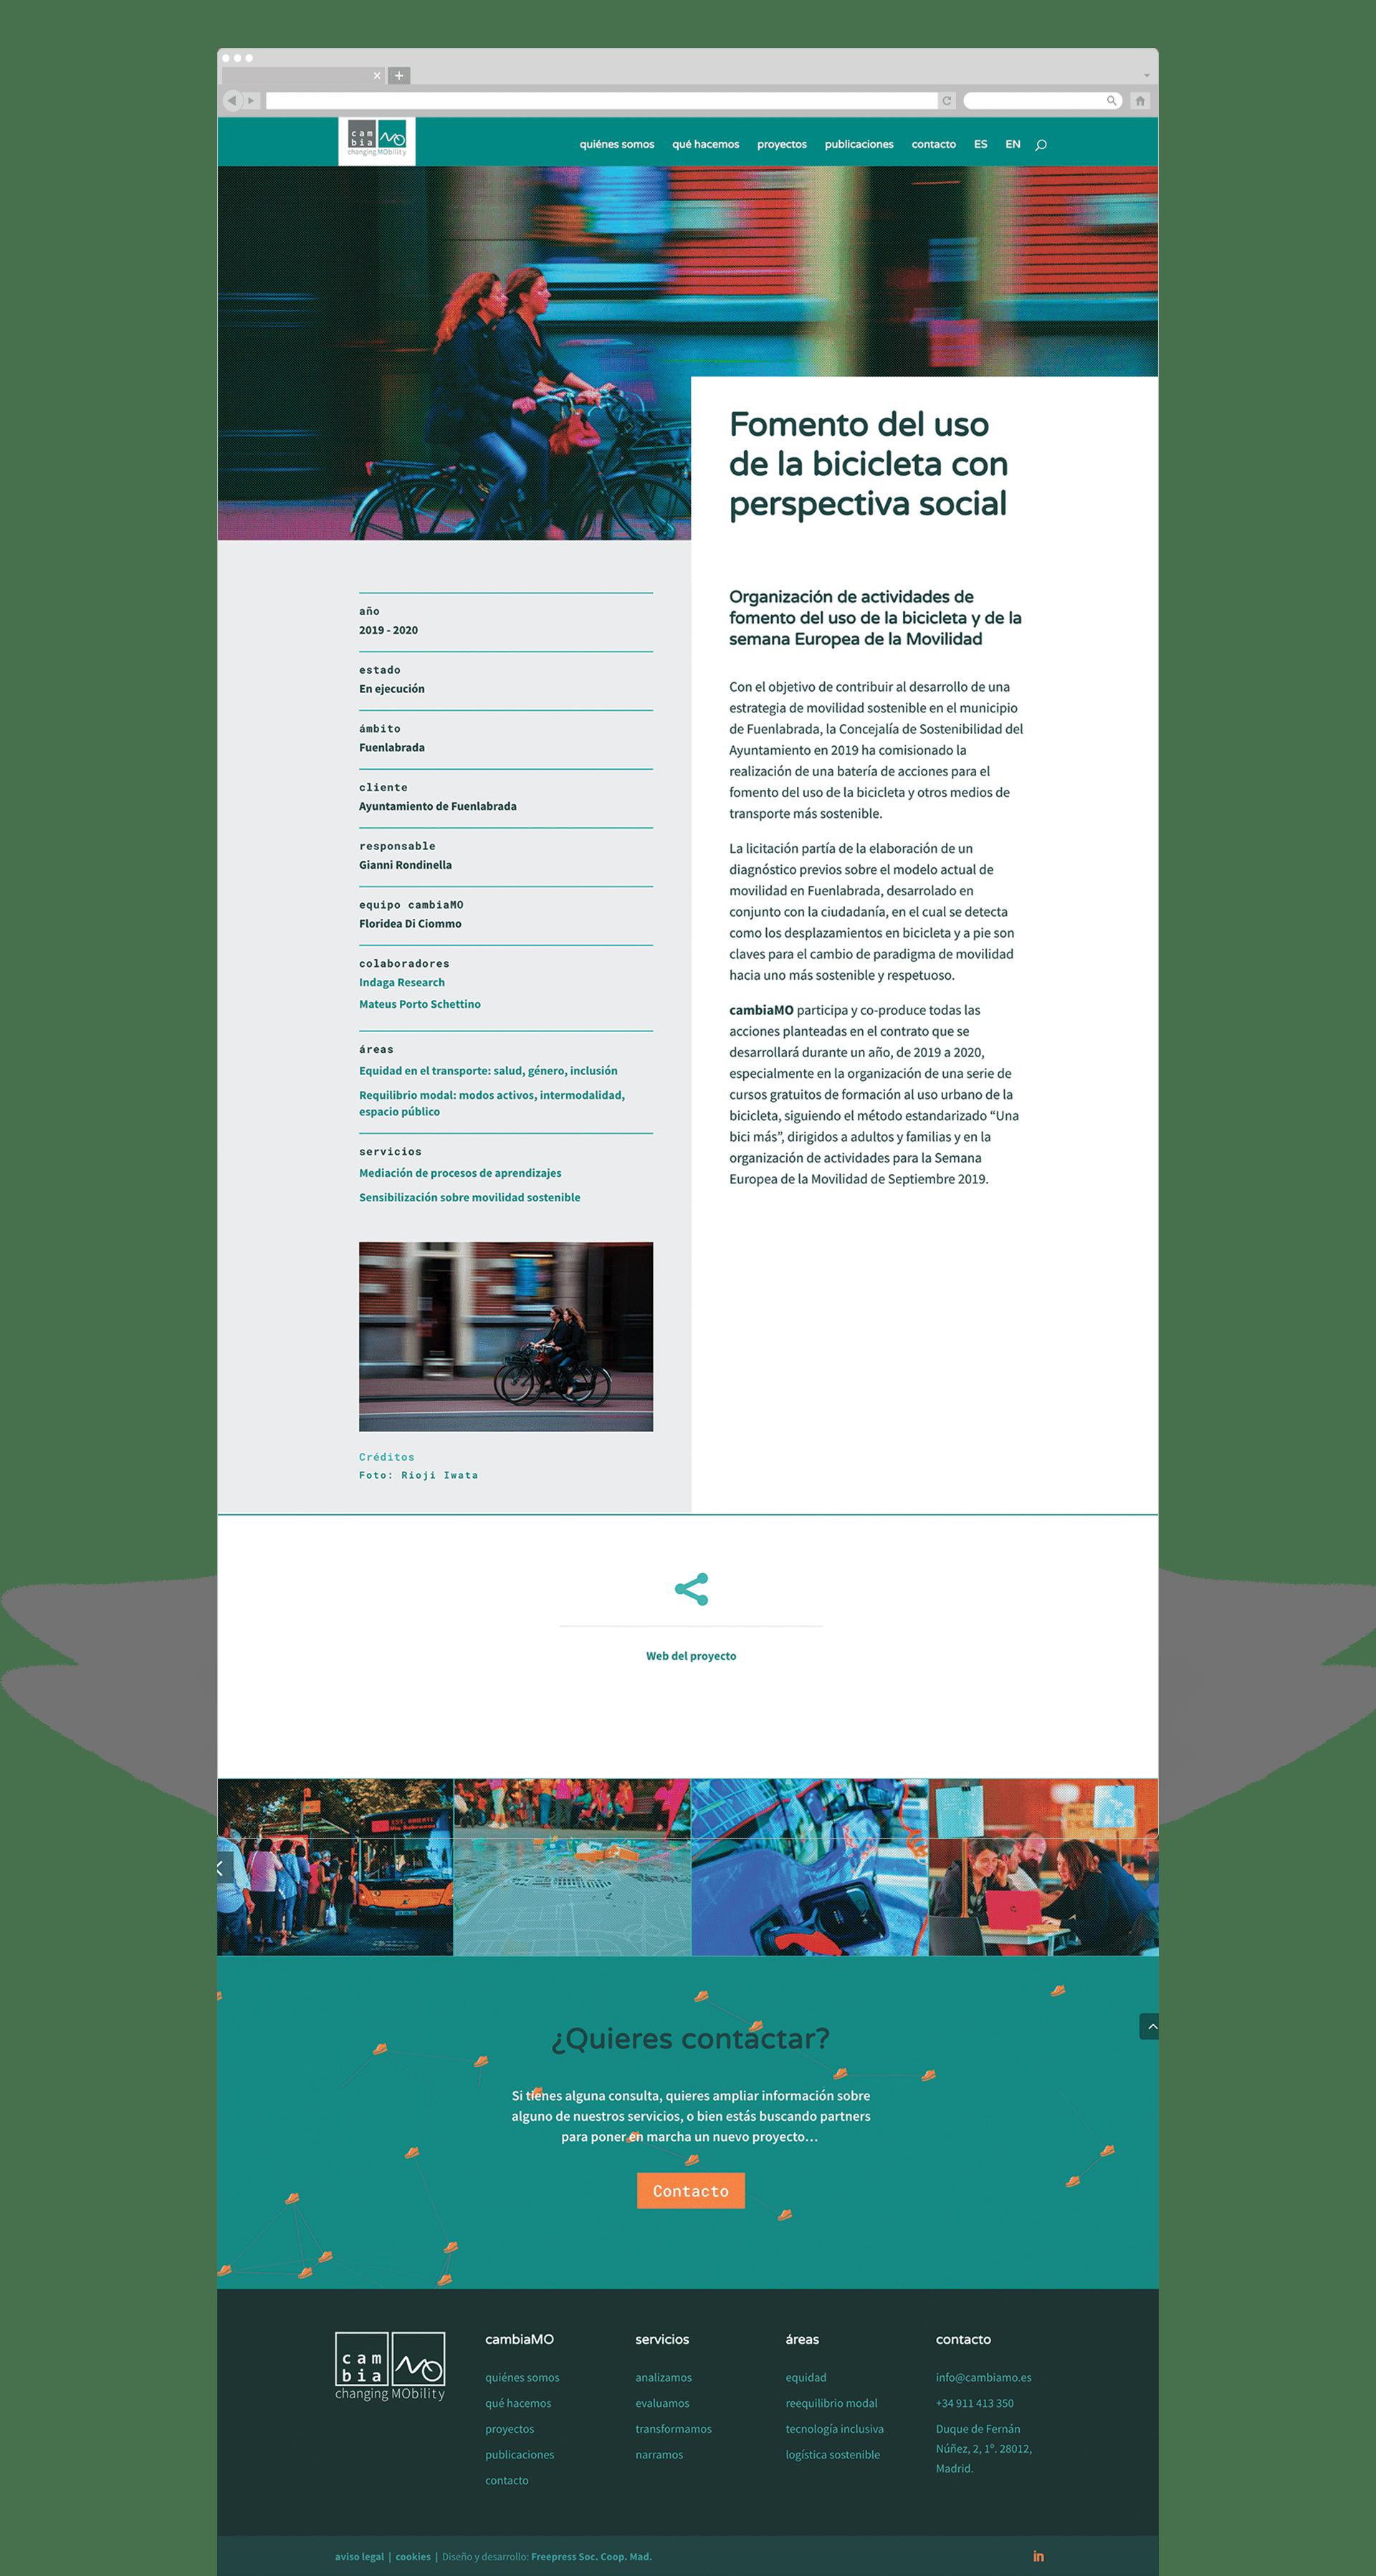 cambiamo.net